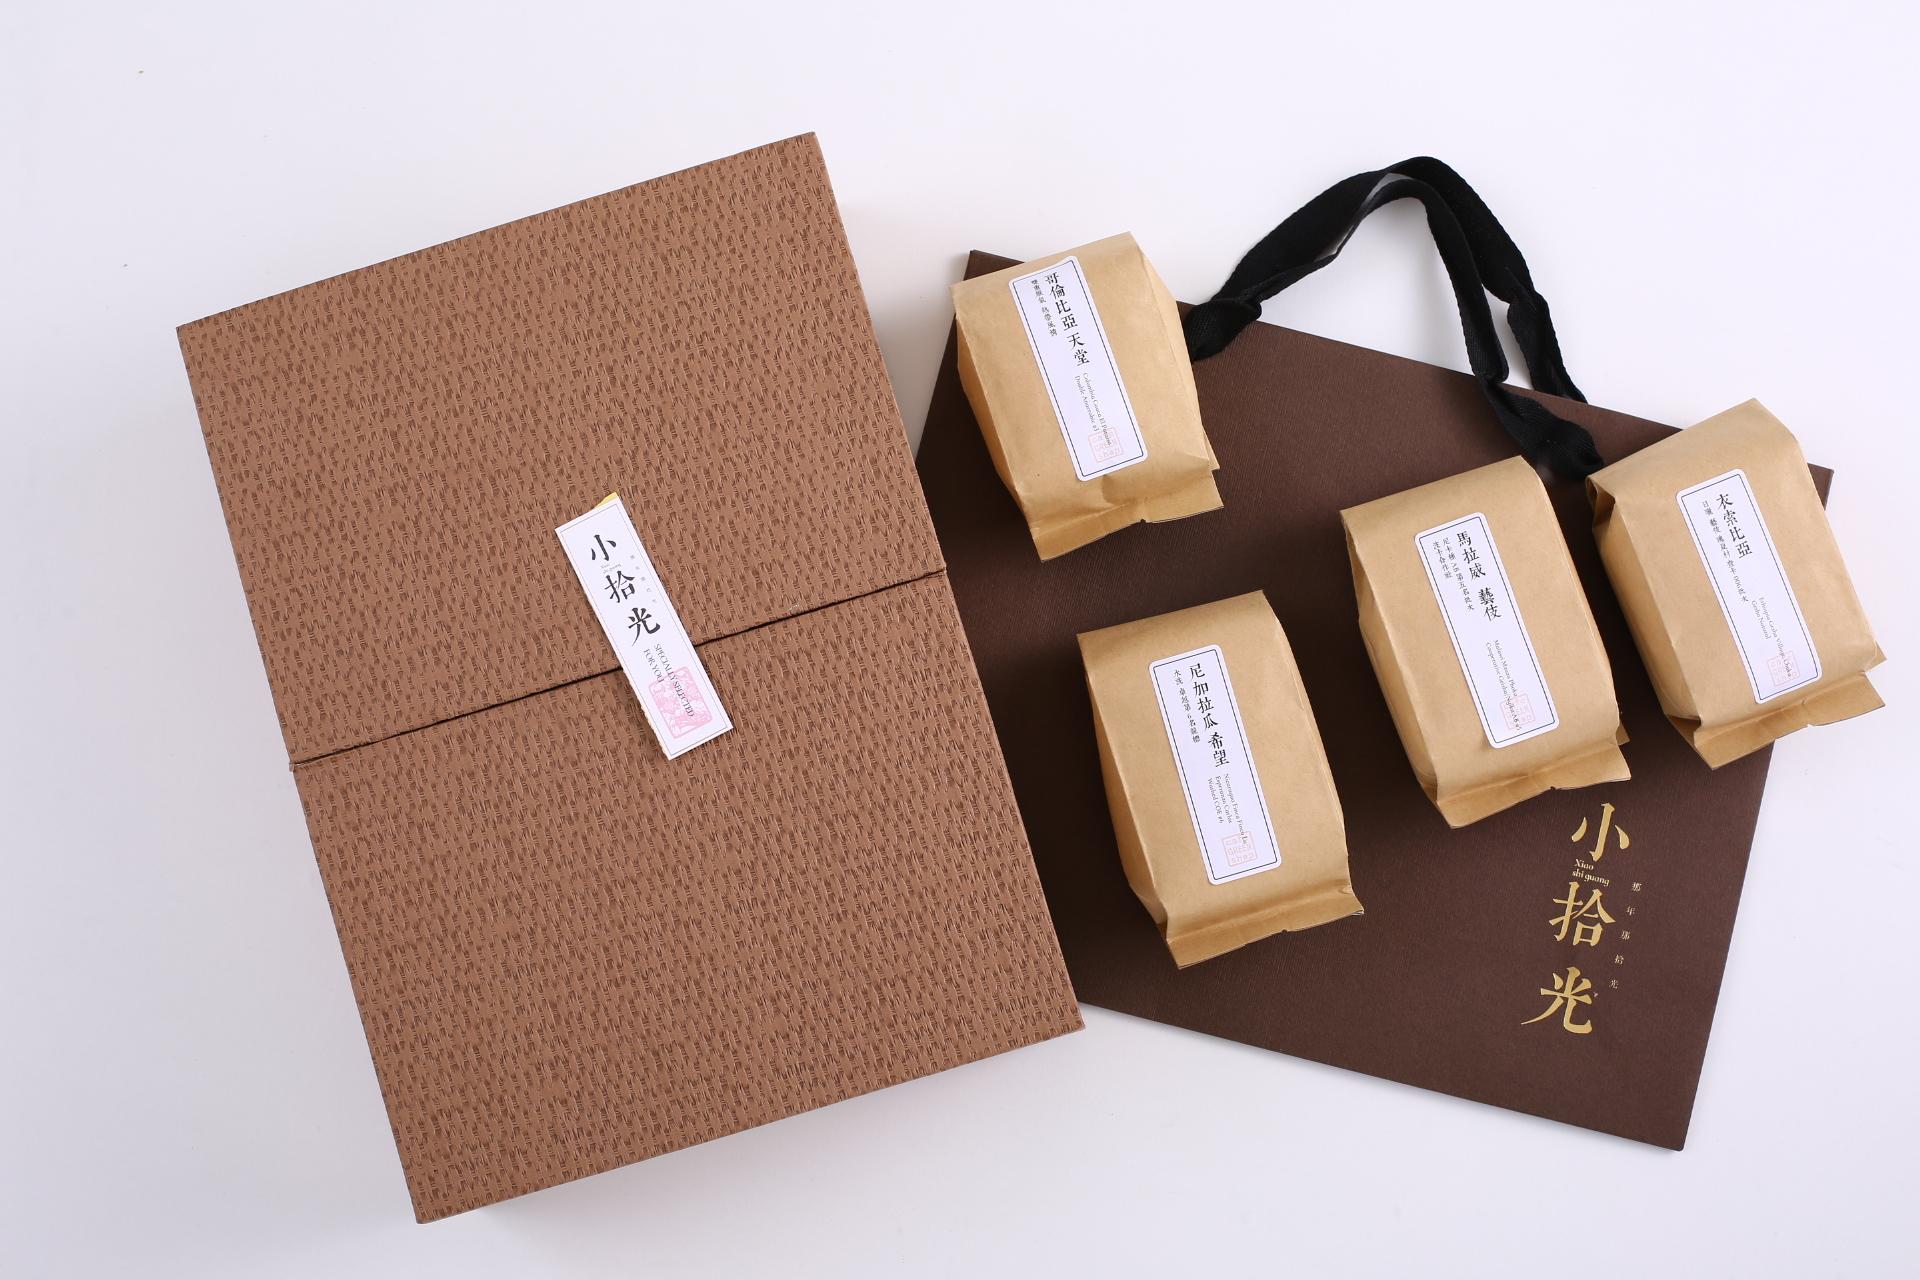 中秋節禮盒,濾掛禮盒,咖啡豆禮盒